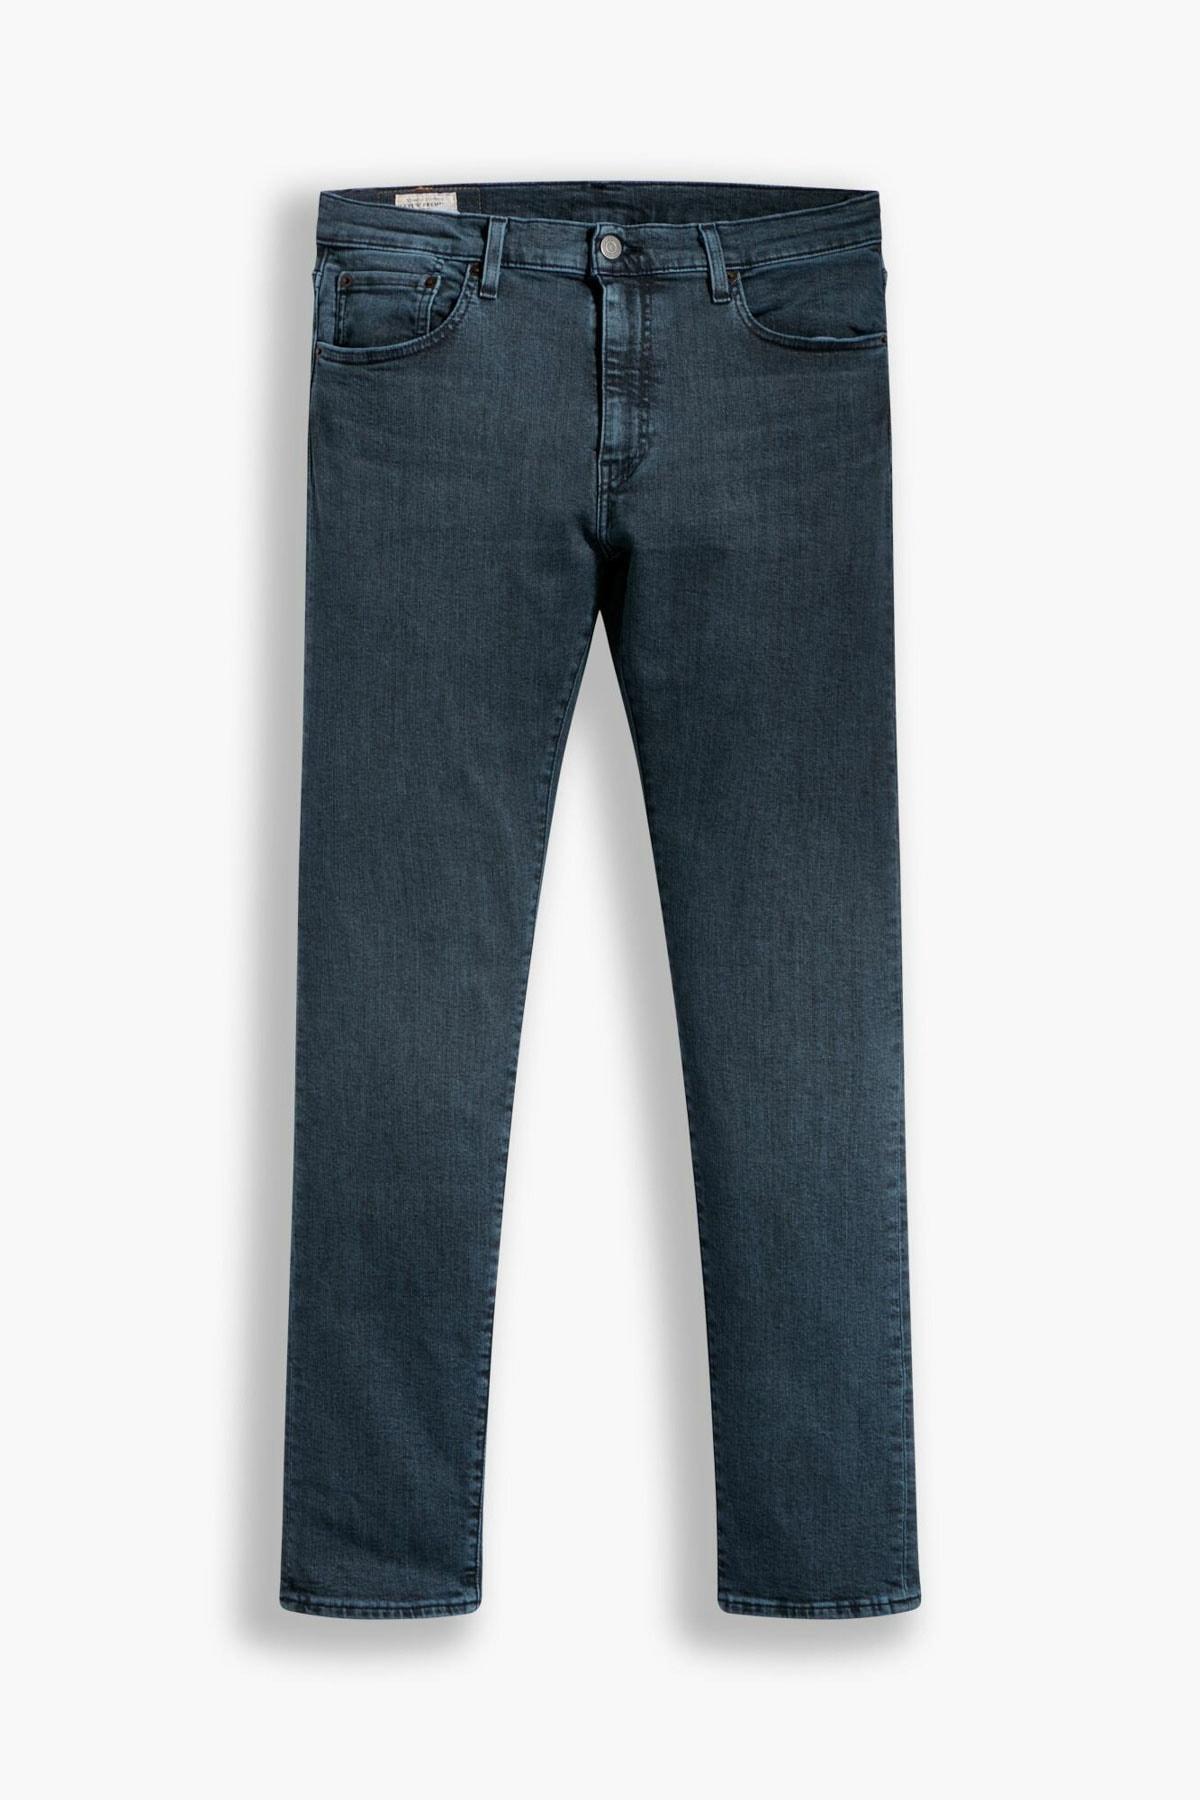 Erkek 512™ Slim Taper Erkek Jean Pantolon-X9989 Lse_Richmond Blue Black Od Adv 2883309170